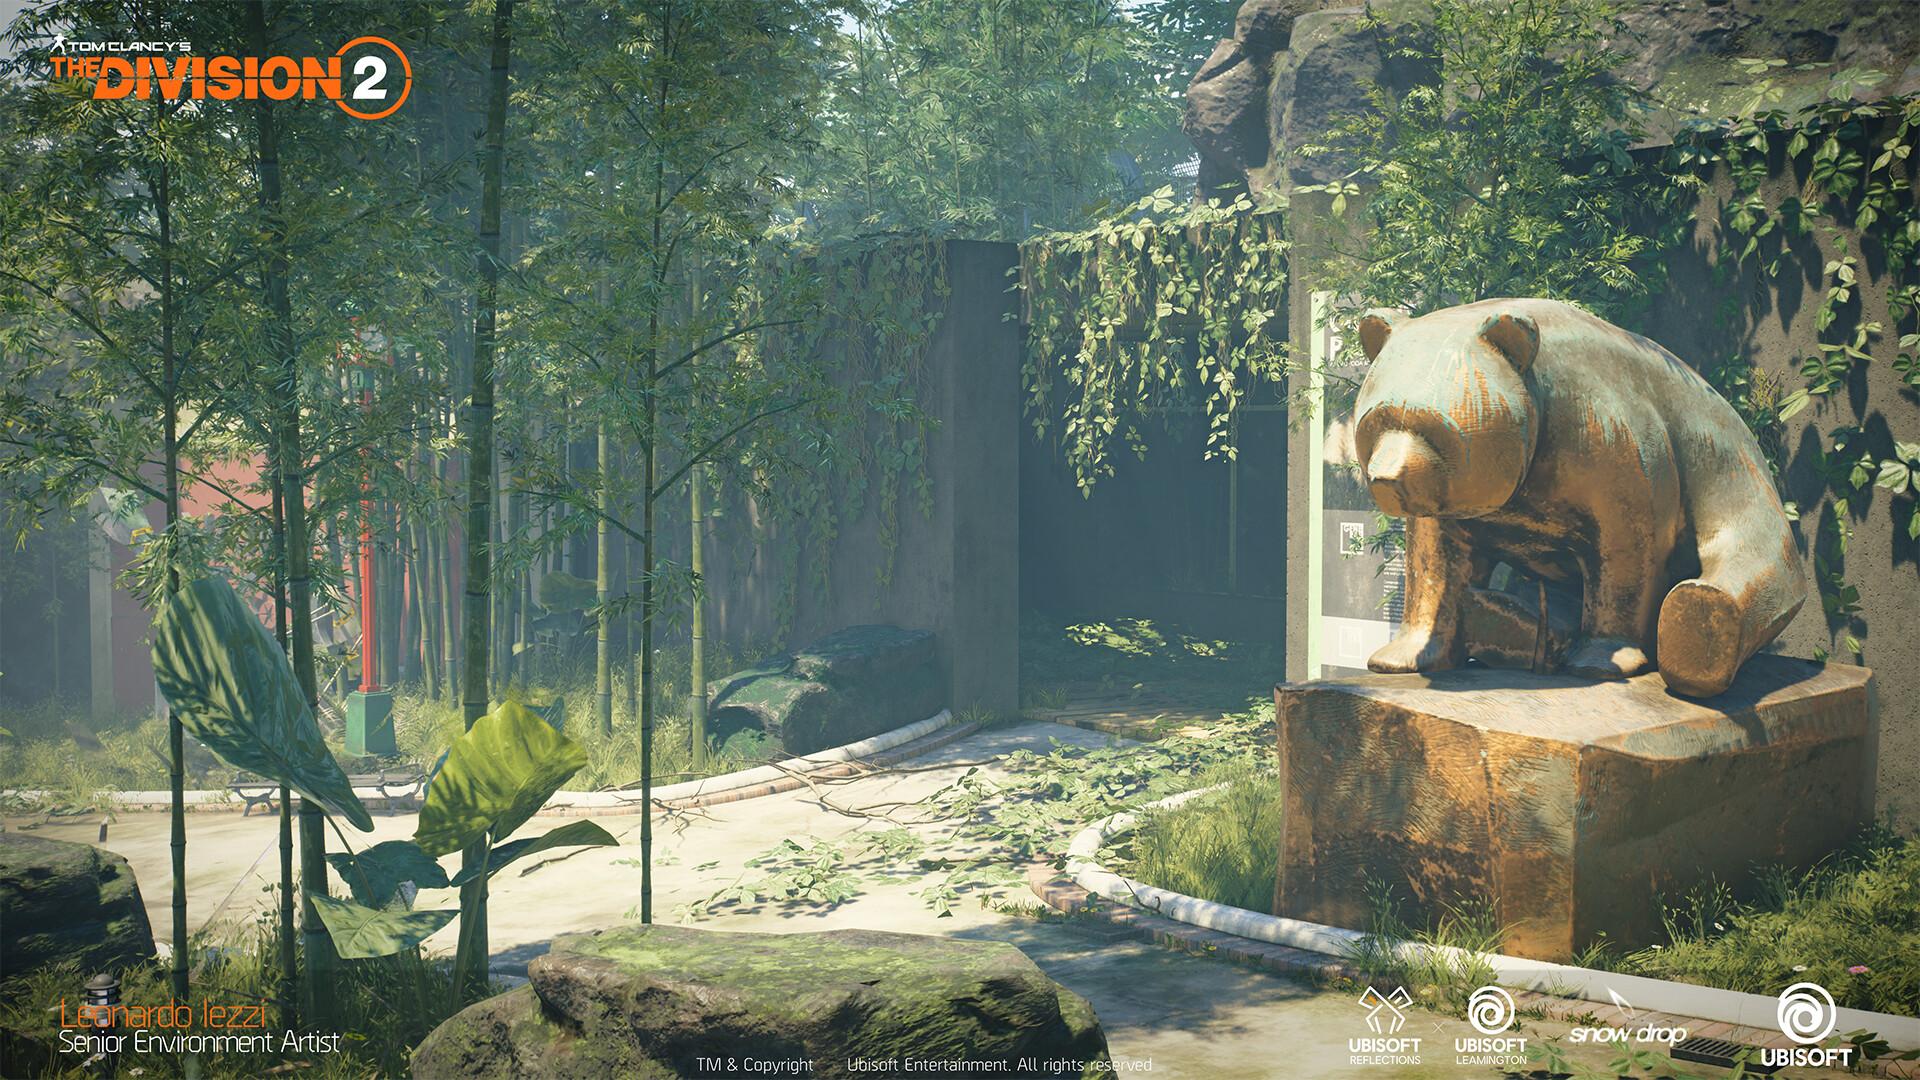 Leonardo iezzi leonardo iezzi the division 2 zoo environment art 03 japan 002